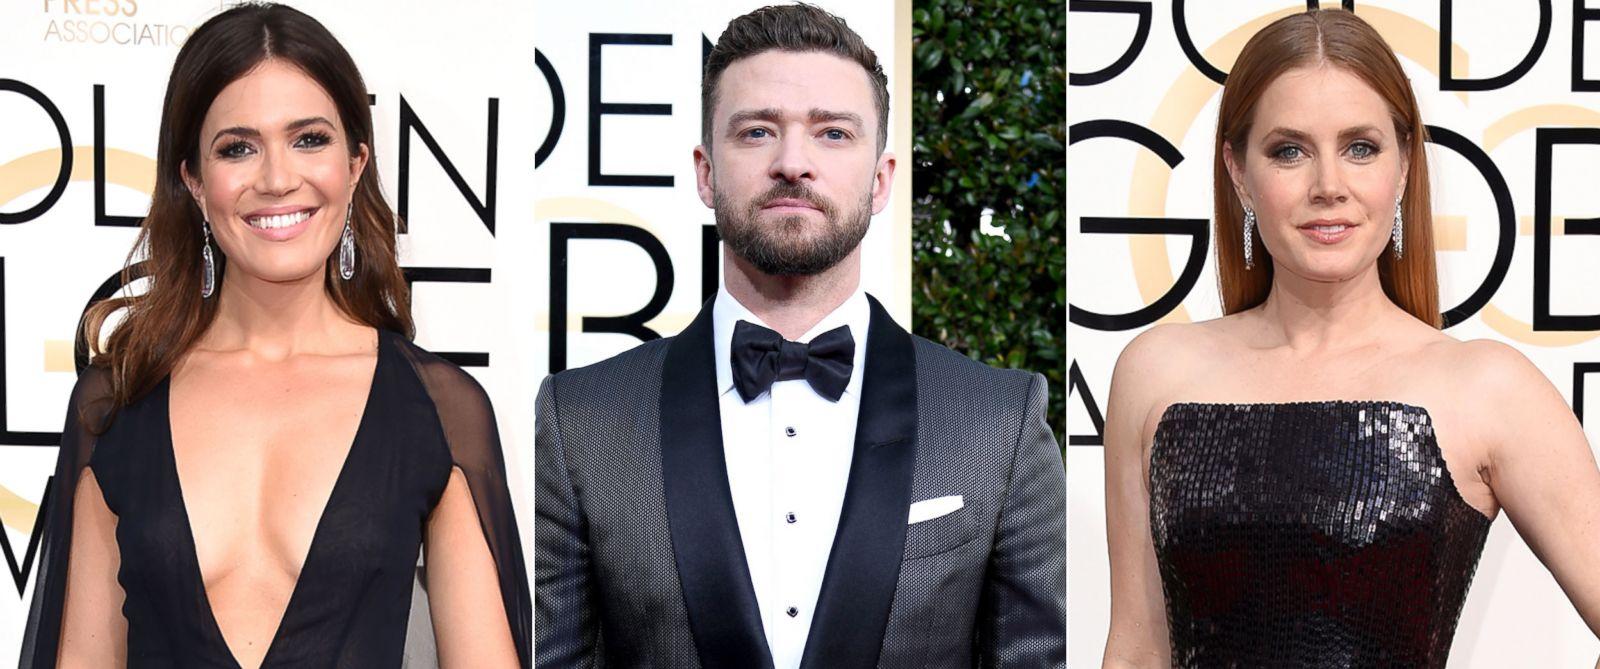 FOTO: Mandy Moore, Justin Timberlake, e Amy Adams nas 74th concessões douradas anuais do globo no Beverly Hilton Hotel janeiro em 8, 2017 em Beverly Hills, Calif.